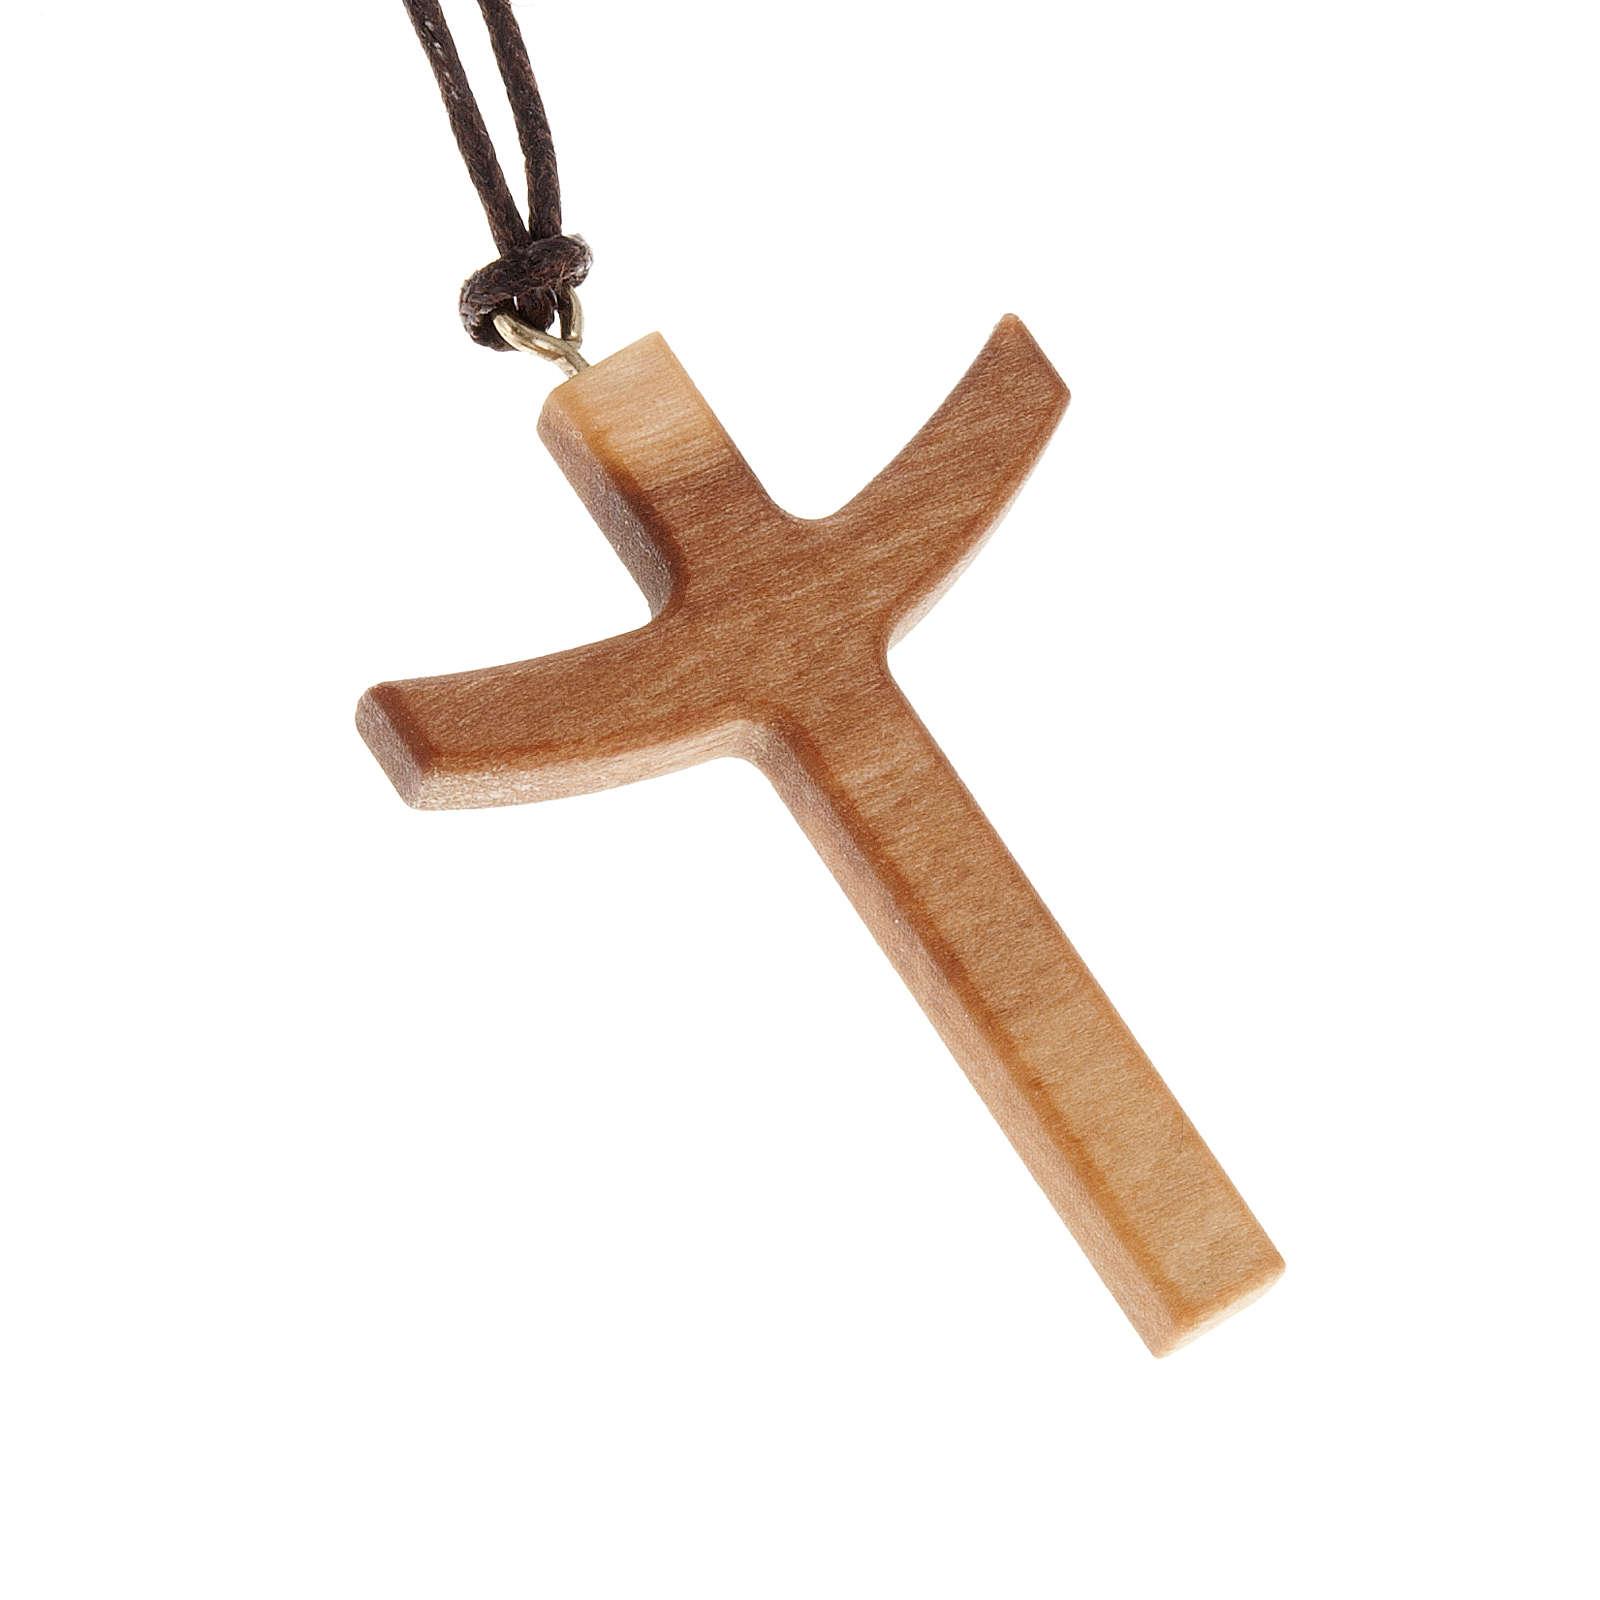 Krzyż drewno oliwkowe z ramionami skierowanymi w górę 4